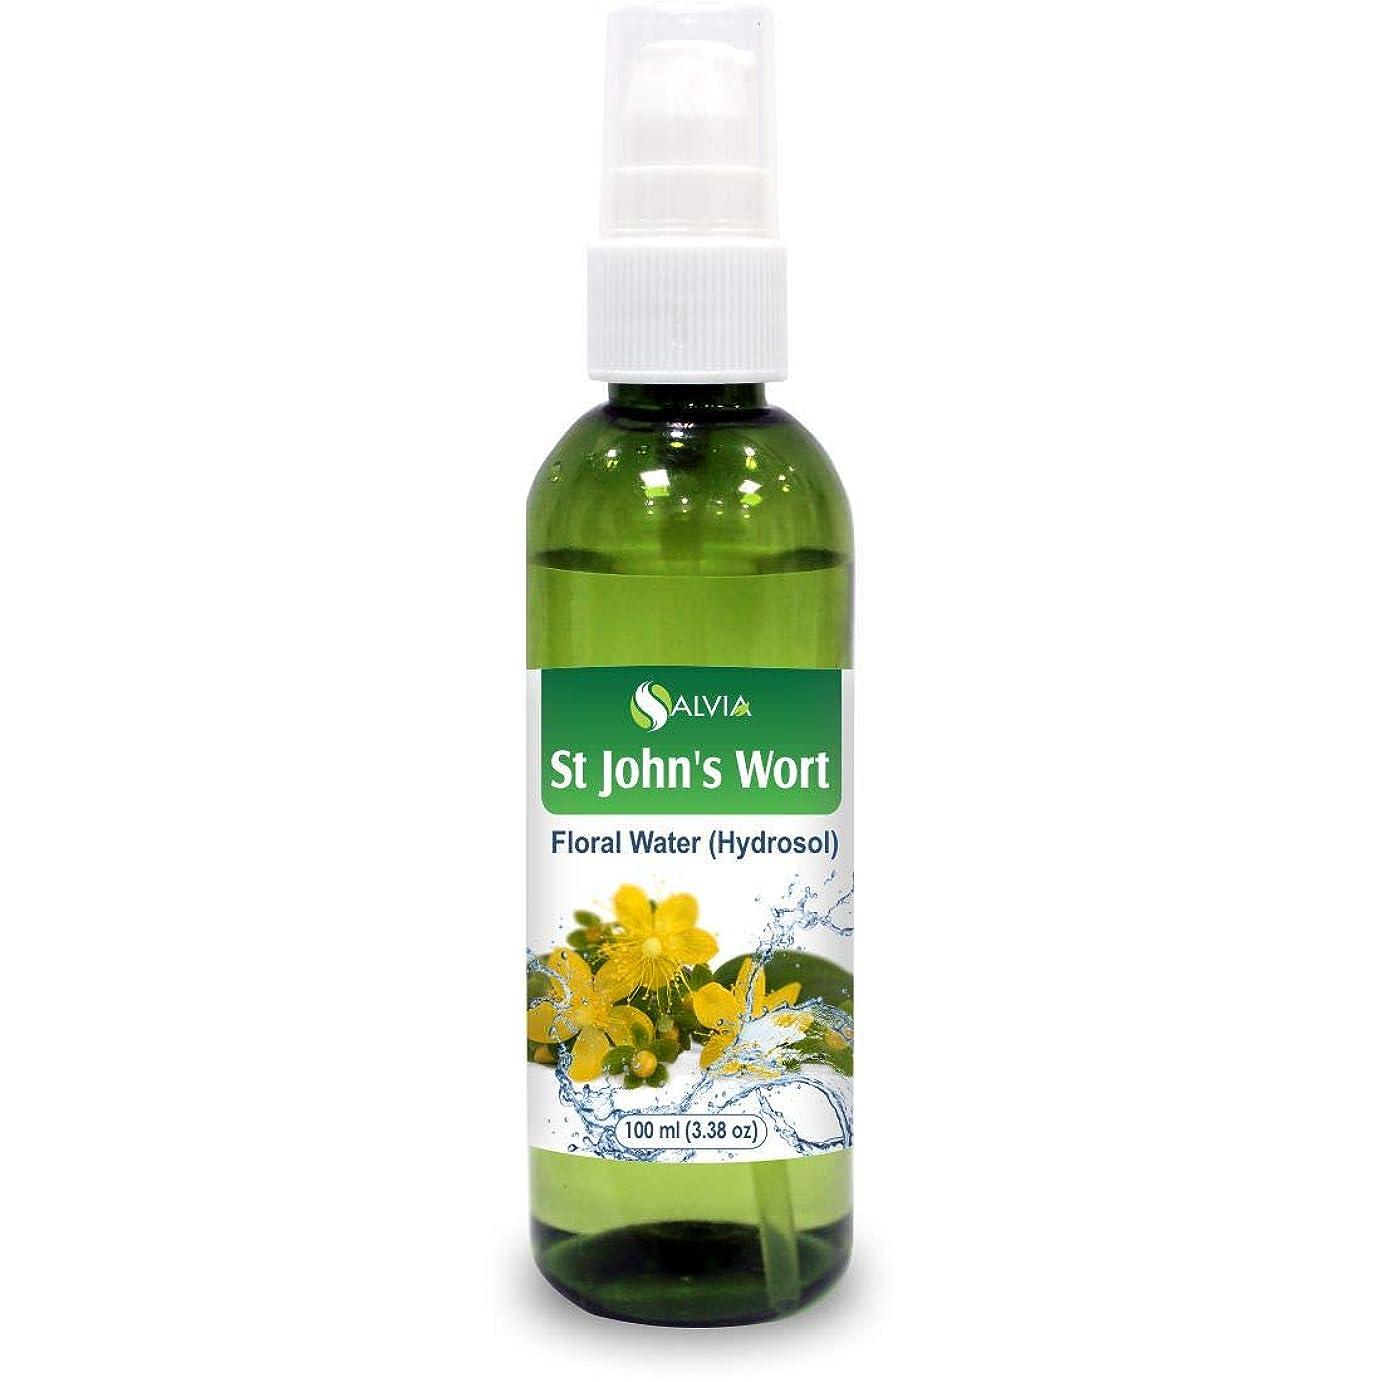 未払い下着申し込むSt John's Wort Floral Water 100ml (Hydrosol) 100% Pure And Natural